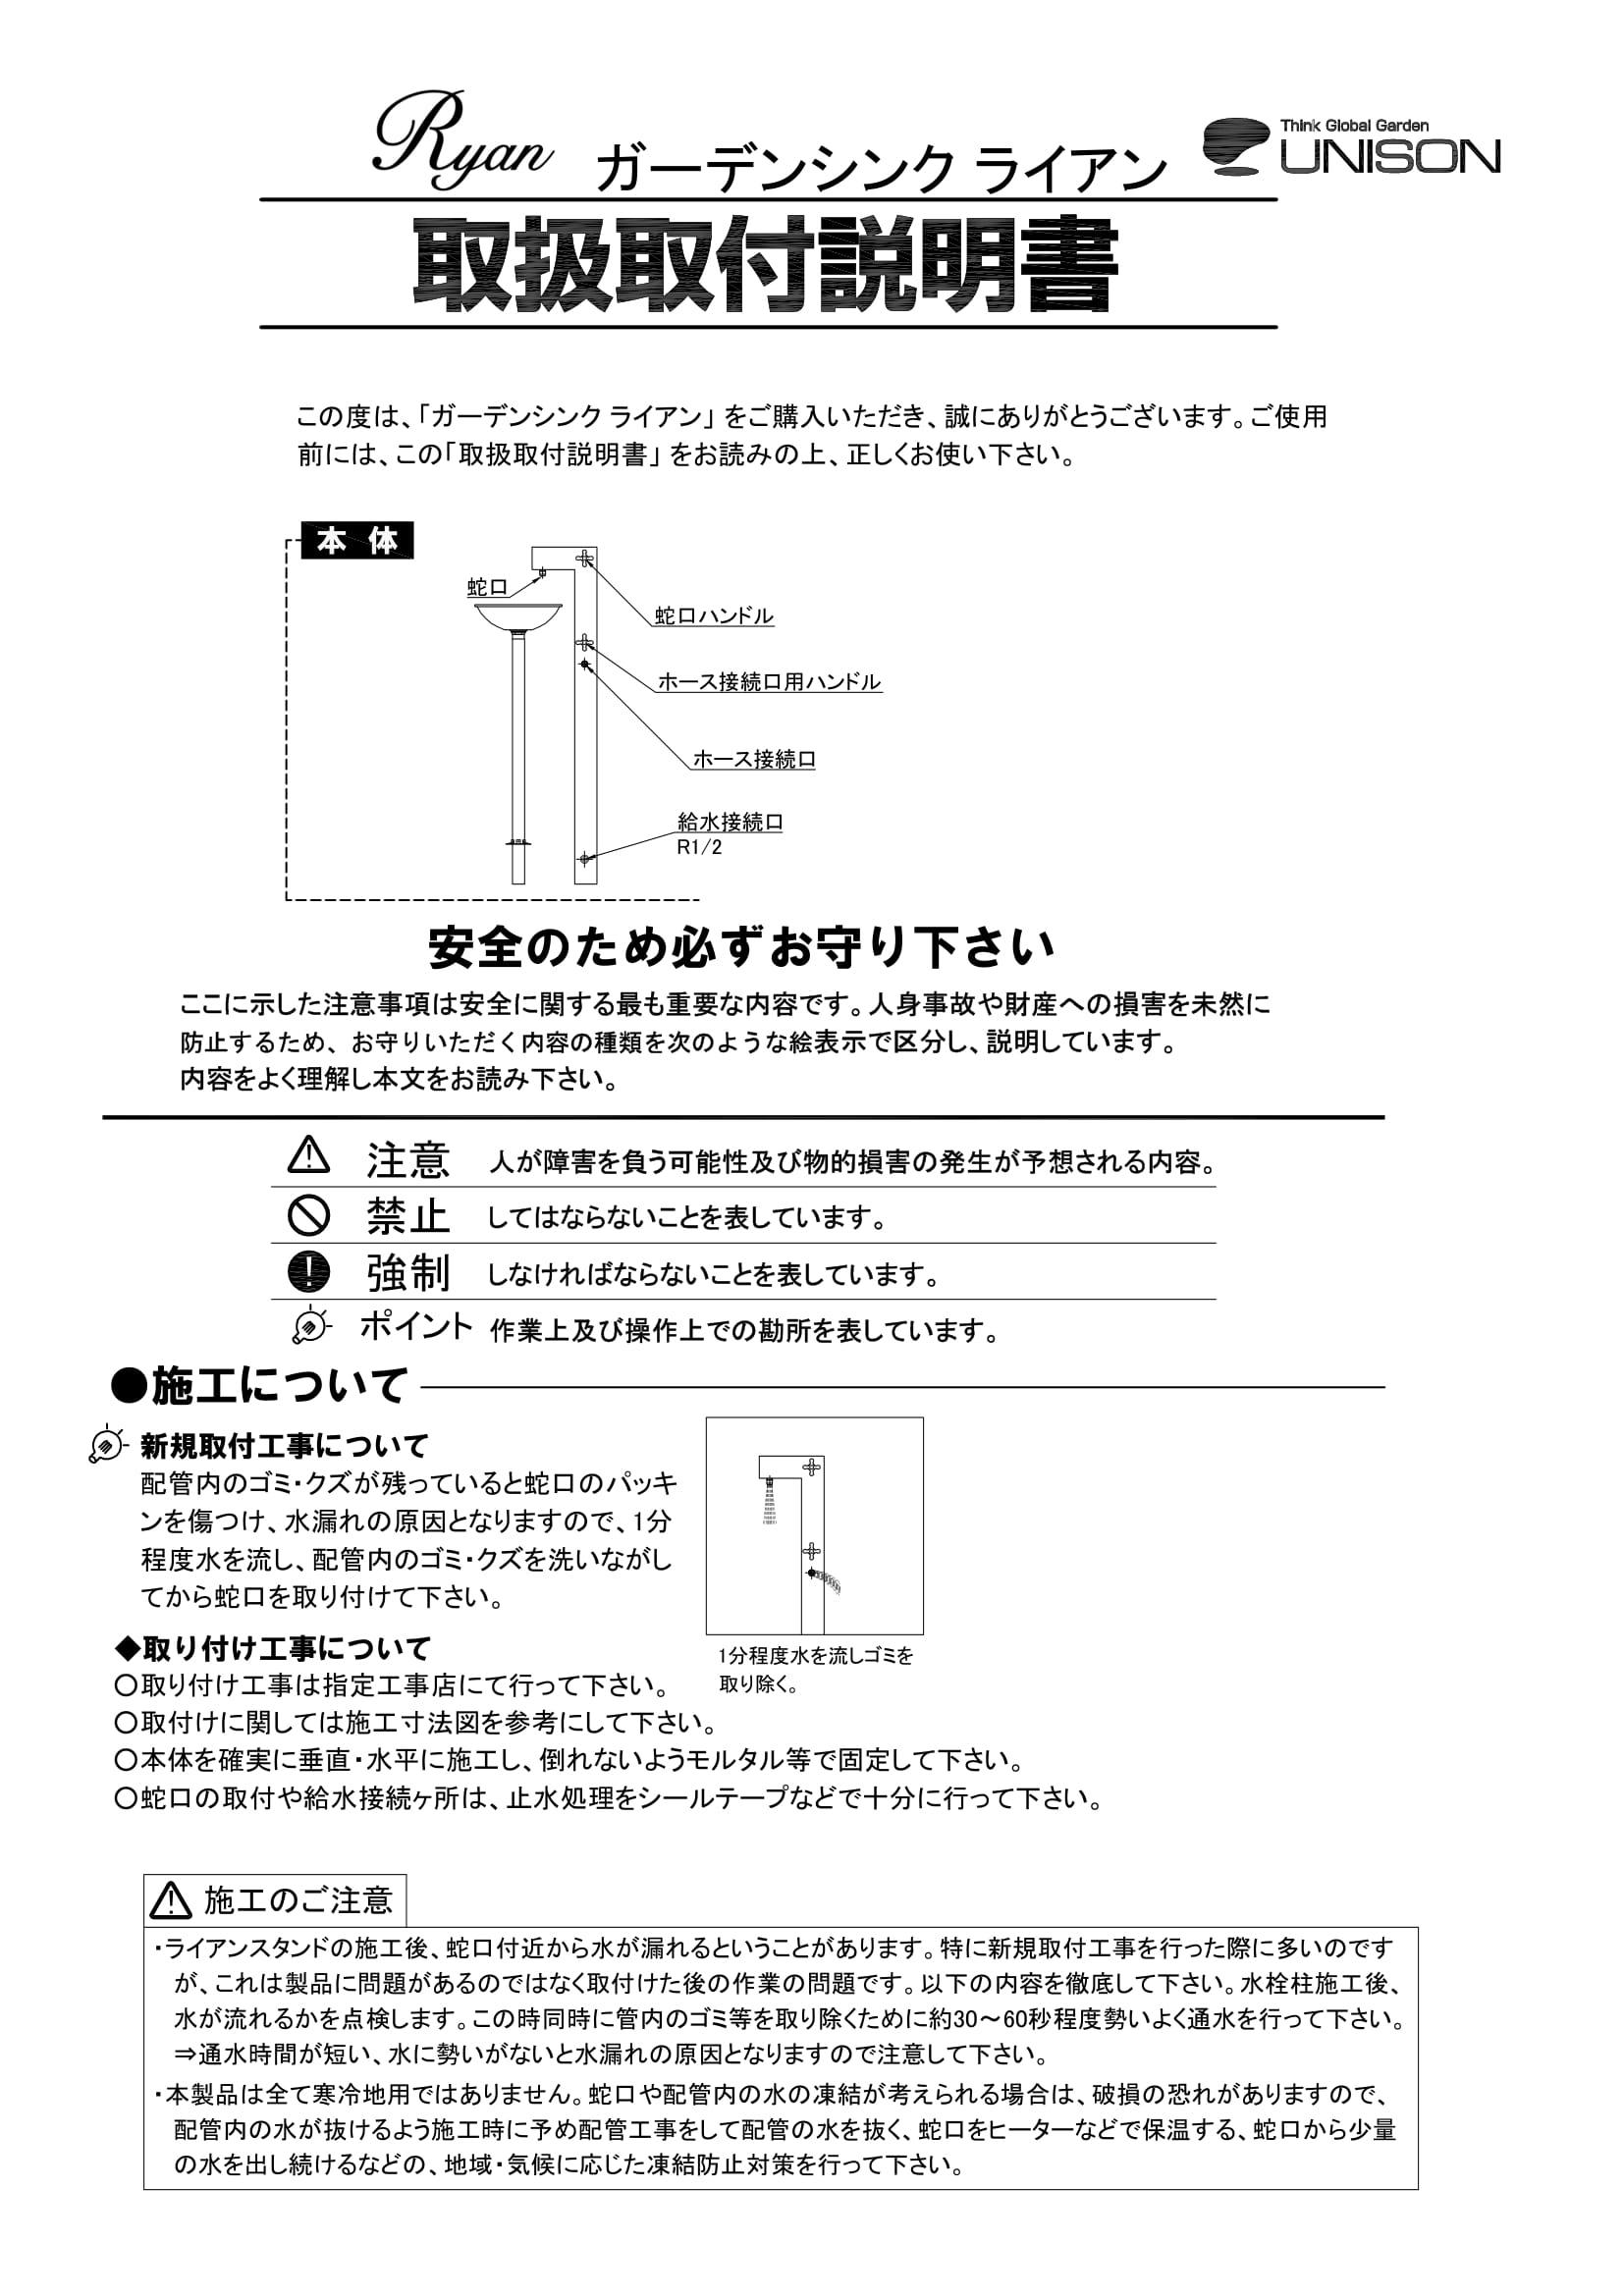 ガーデンシンクライアン_取扱説明書-1